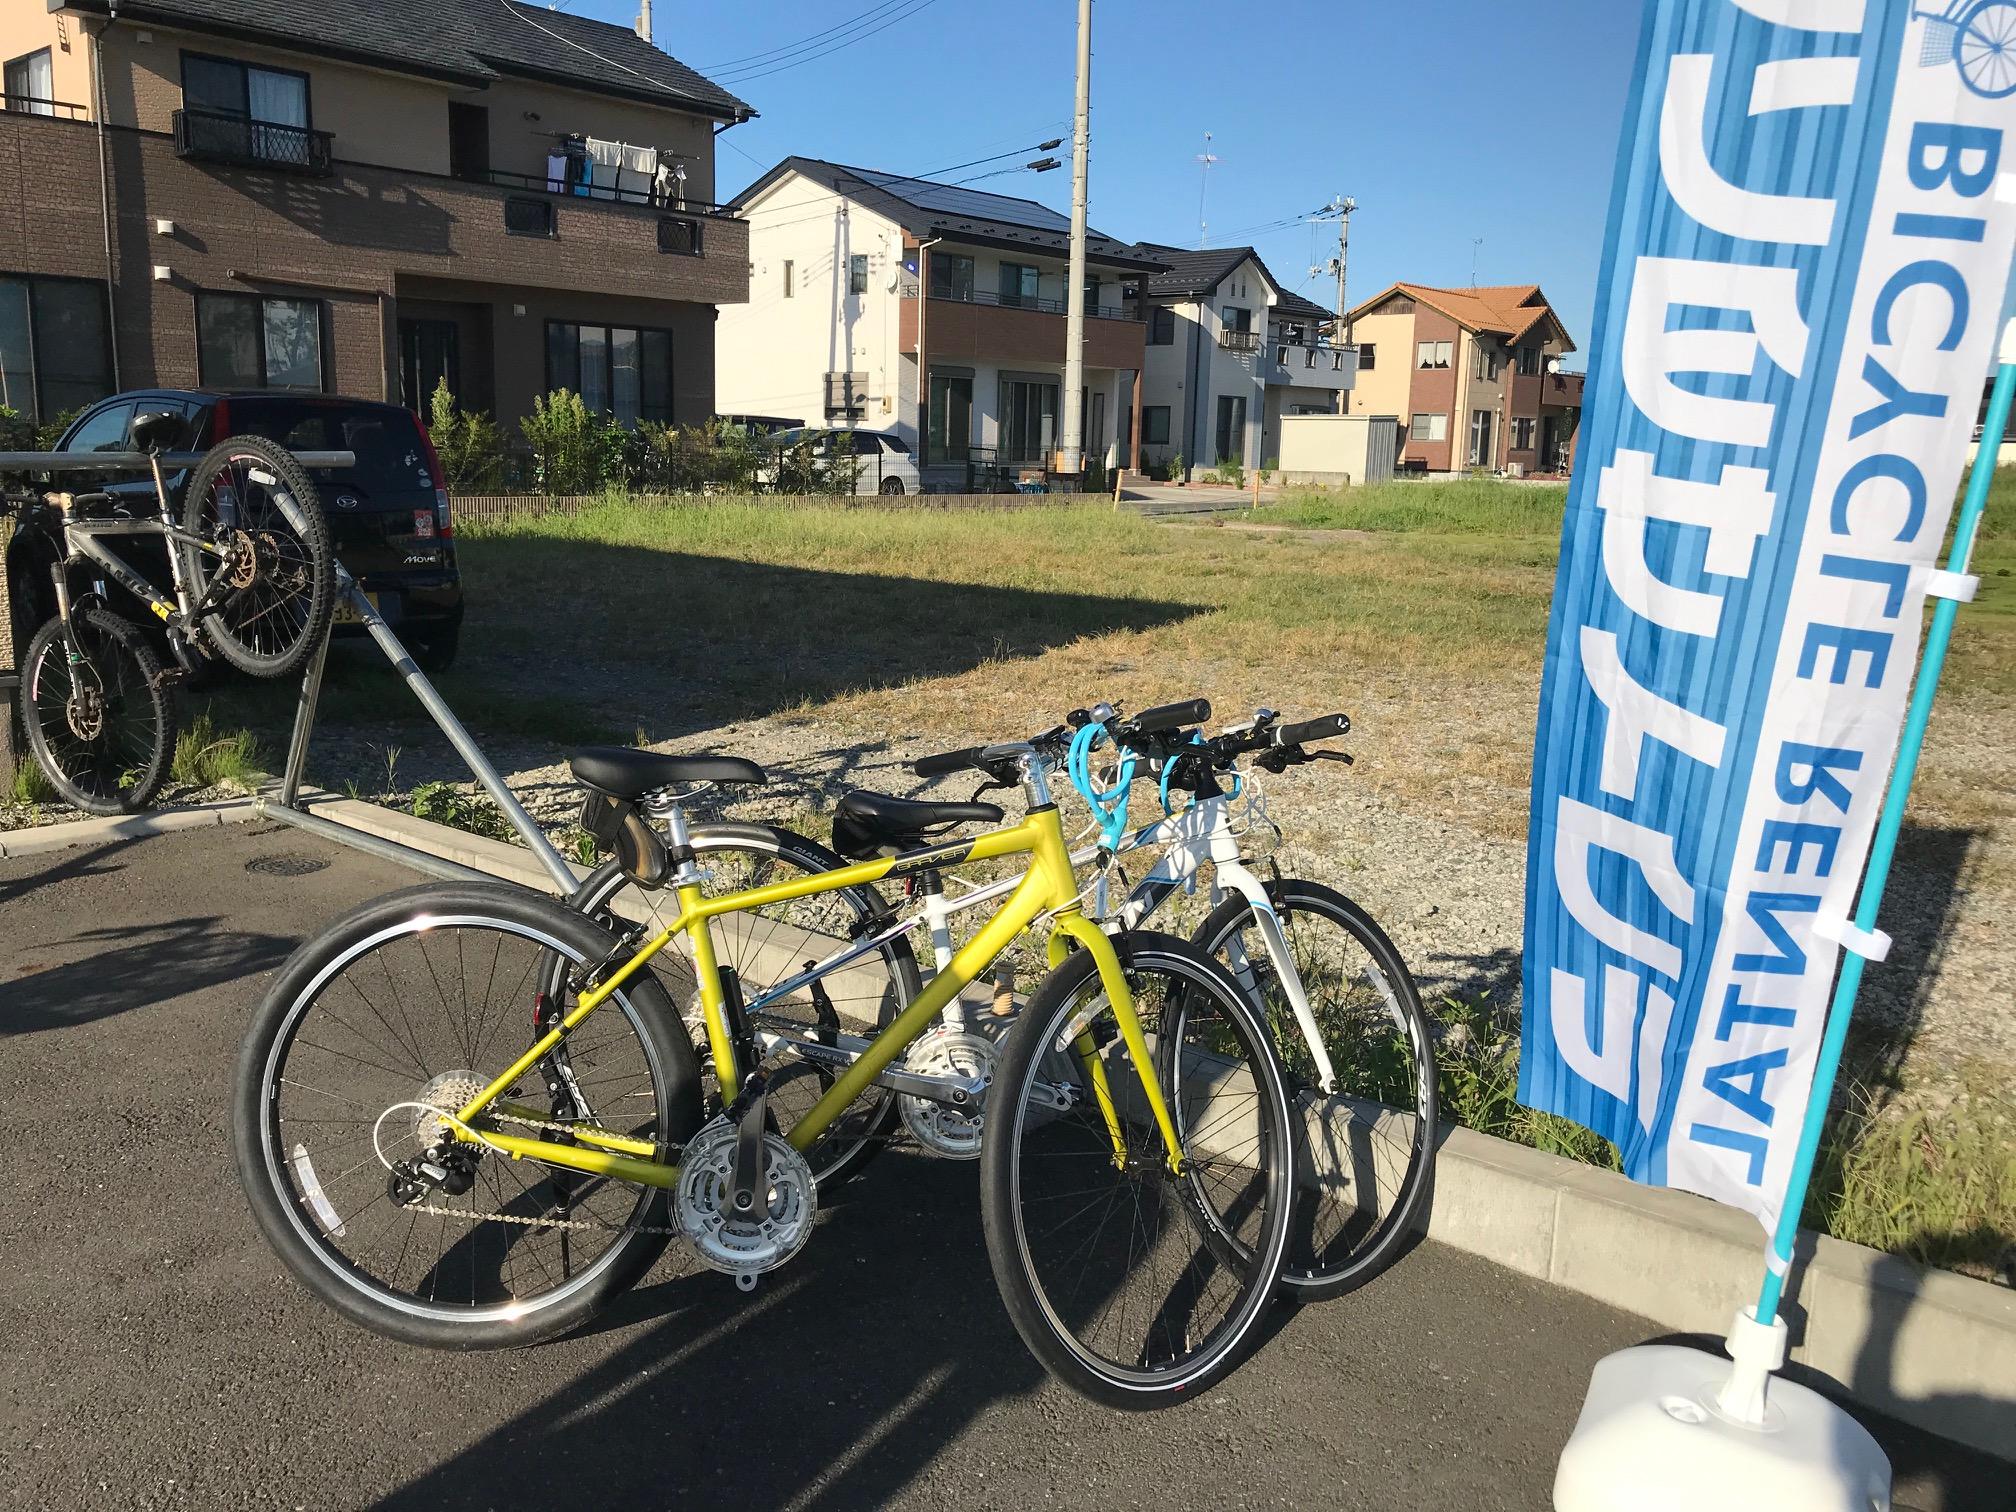 11836まちの自転車屋さんエンドーしんりん レンタサイクル【商品番号:80700】plan_item